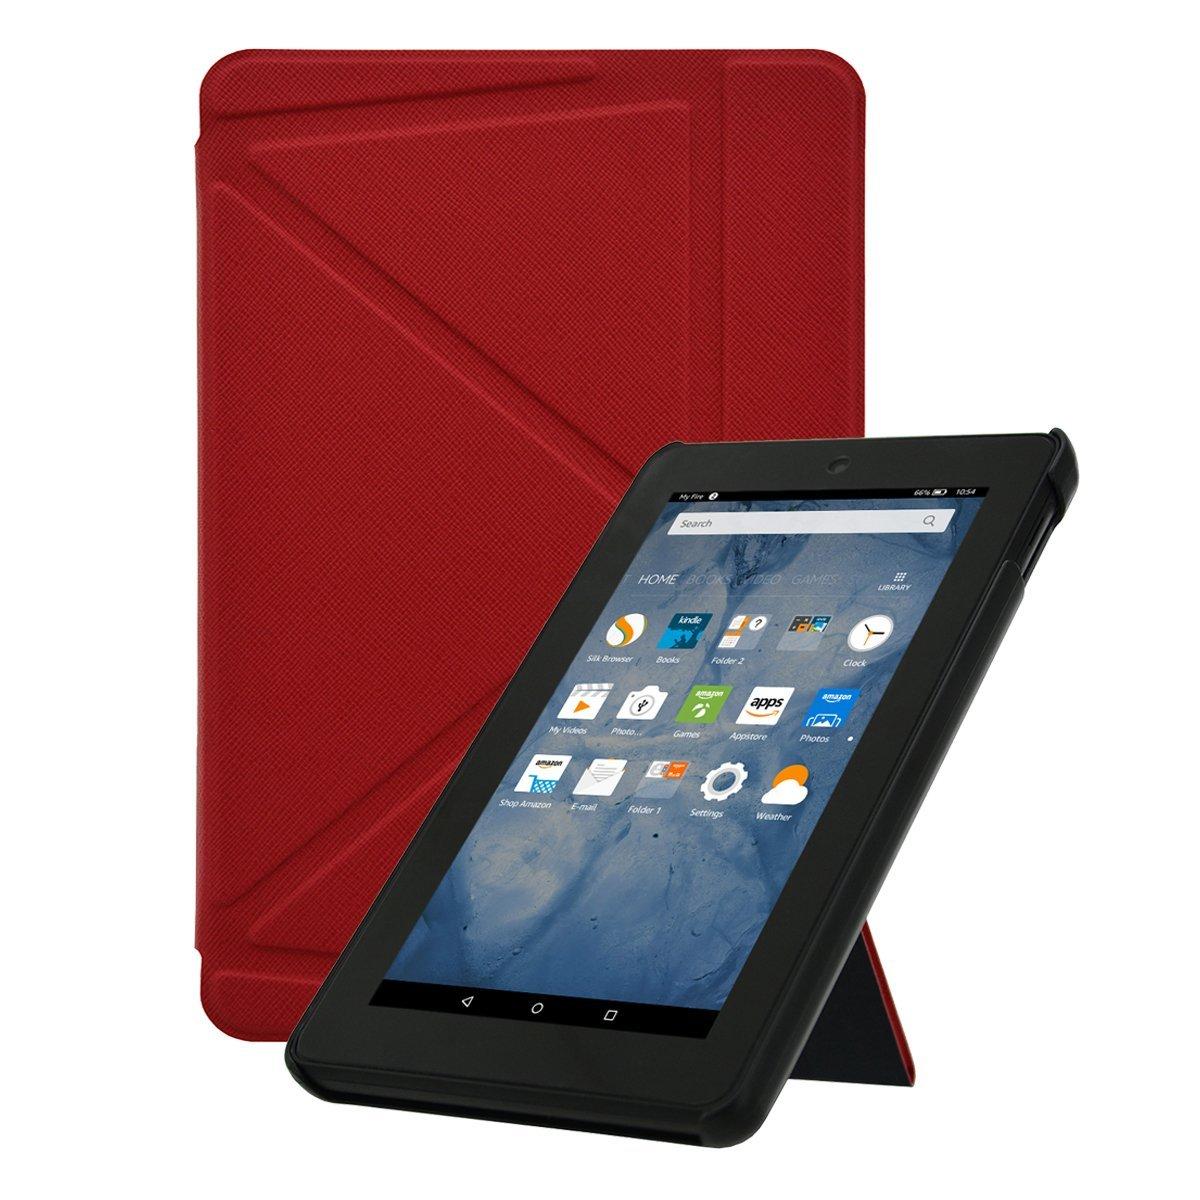 Phụ kiện máy tính bảng  Kindle Fire bảo vệ bộ microphone Gollum Edition Kindle Fire tấm bảo vệ bộ nă